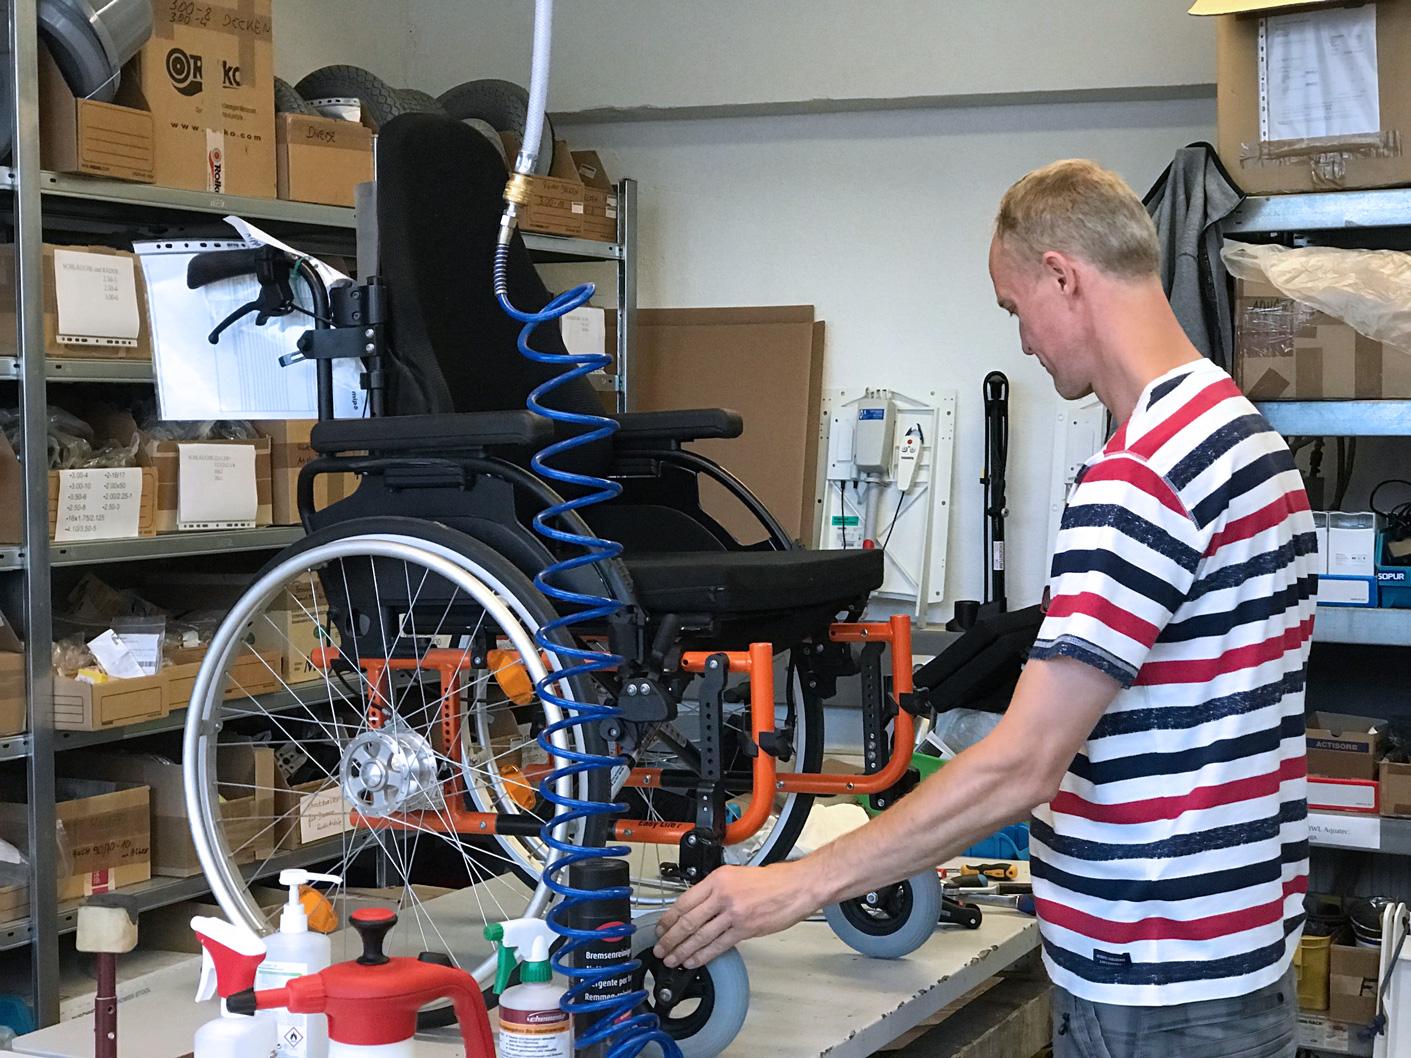 Rollstuhl im Lager von Sanitätshaus MOT in Tettnang